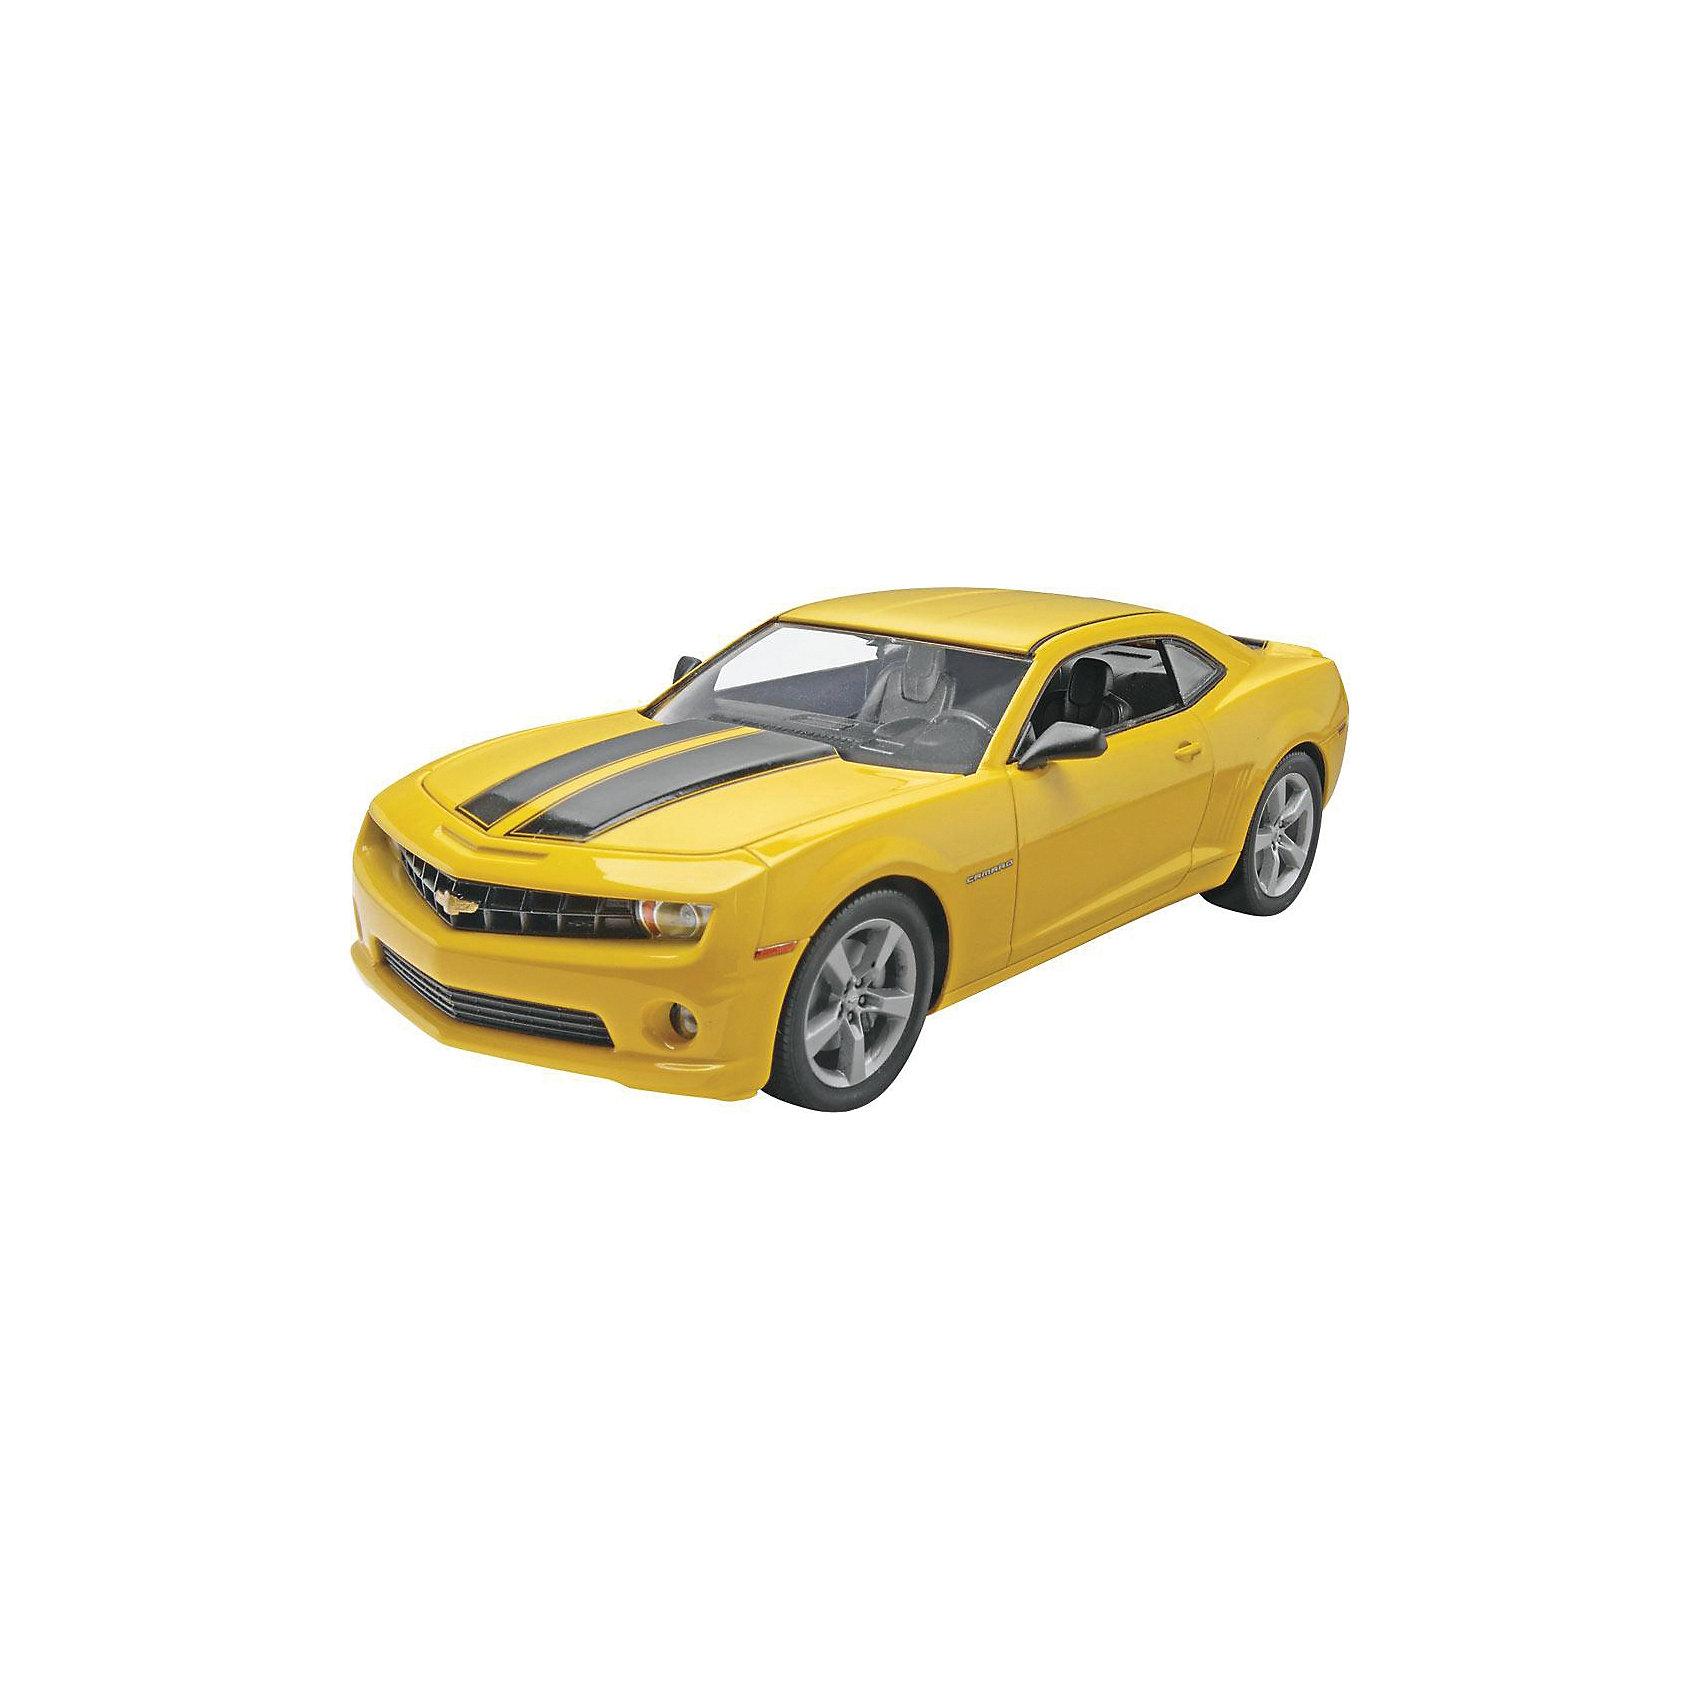 Автомобиль 2010 Camaro SSМодели для склеивания<br>Сборная модель спортивного автомобиля Camaro SS 2010 года выпуска. <br>Масштаб: 1:25 <br>Количество деталей: 115 <br>Длина модели: 194 мм <br>Уровень сложности: 3 <br>Краски и клей в комплект не входят.<br><br>Ширина мм: 212<br>Глубина мм: 351<br>Высота мм: 66<br>Вес г: 420<br>Возраст от месяцев: 96<br>Возраст до месяцев: 1188<br>Пол: Мужской<br>Возраст: Детский<br>SKU: 2410631